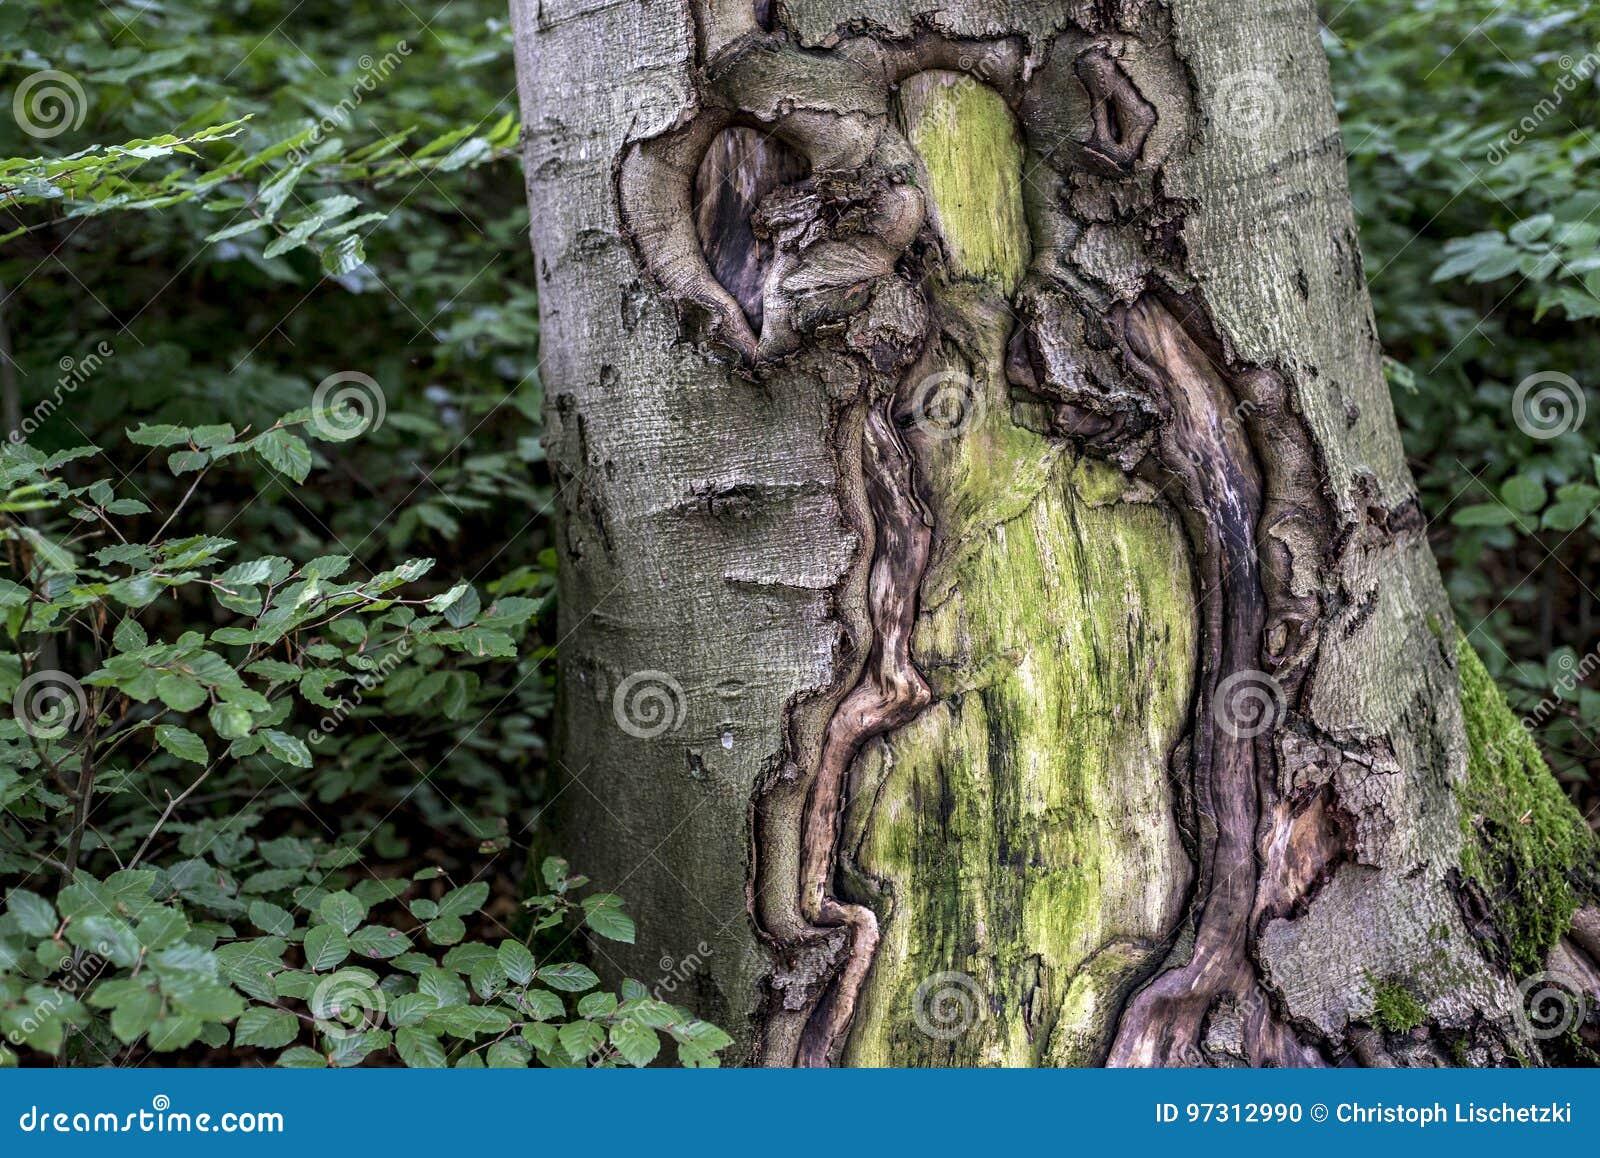 Vieja textura cubierta de musgo espeluznante agrietada de la corteza de la corteza de árbol con el bosque de la planta verde